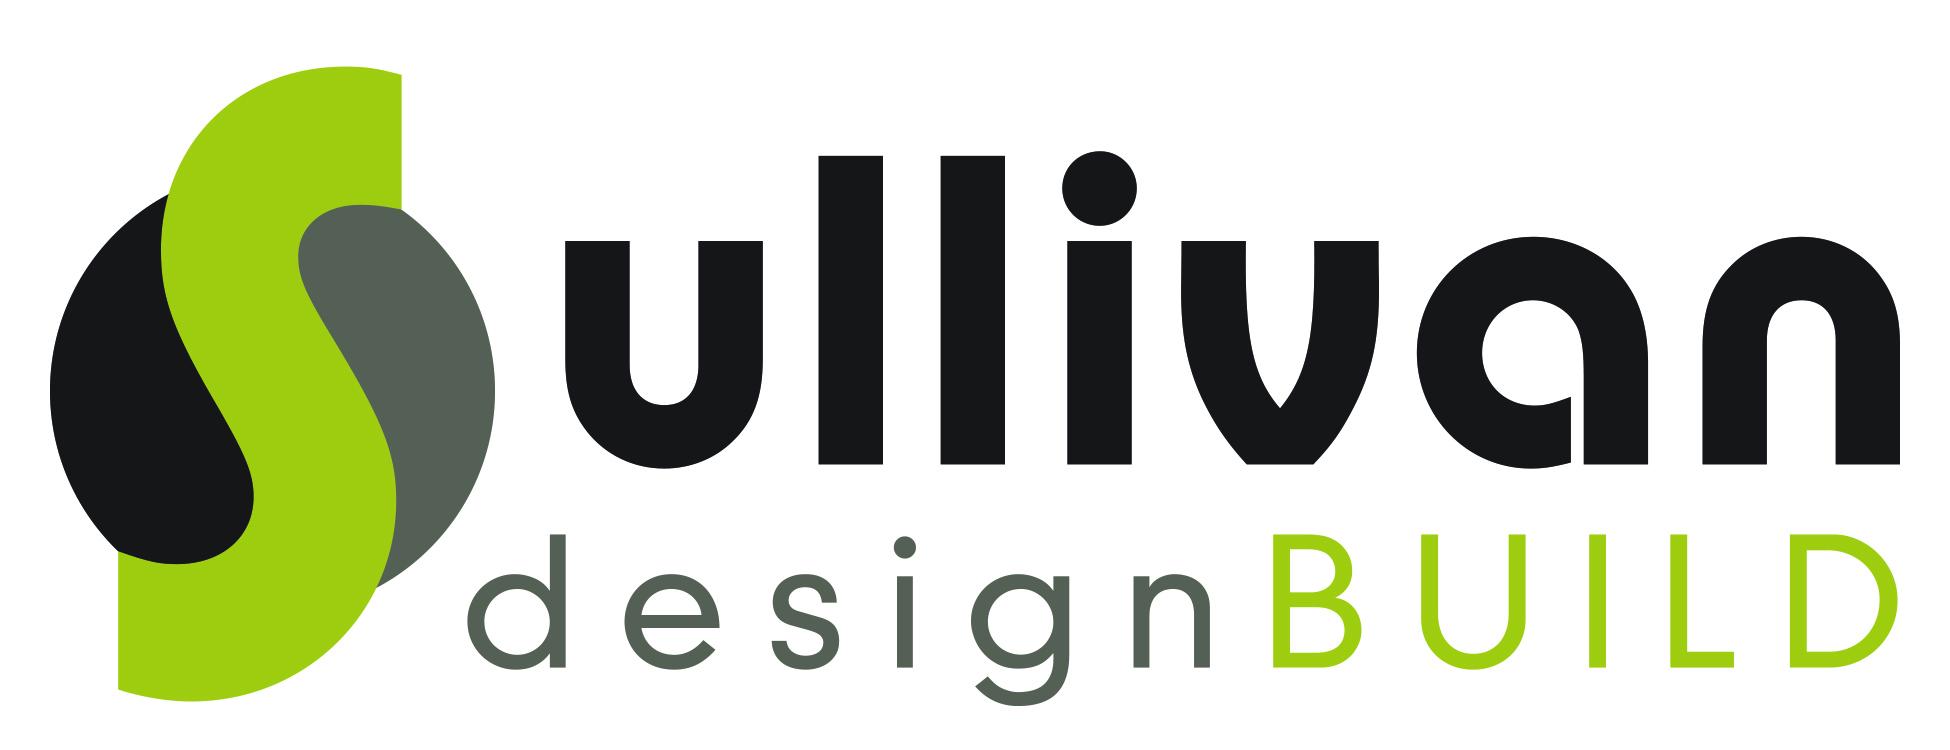 Sponsor - Sullivan designBUILD